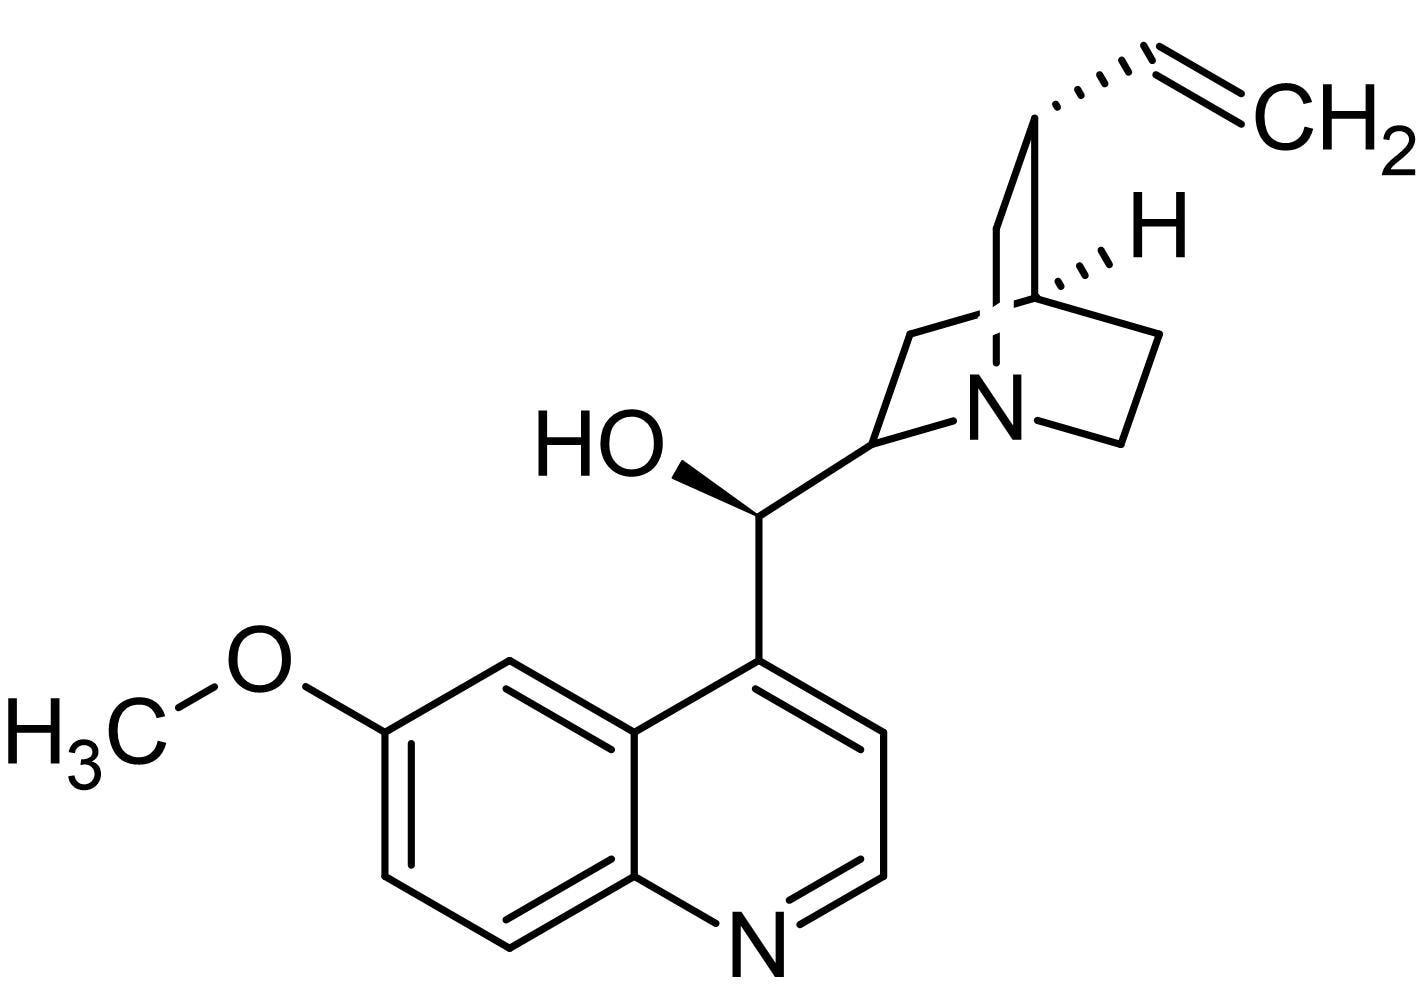 Chemical Structure - Quinine, Potassium channel blocker (ab141247)